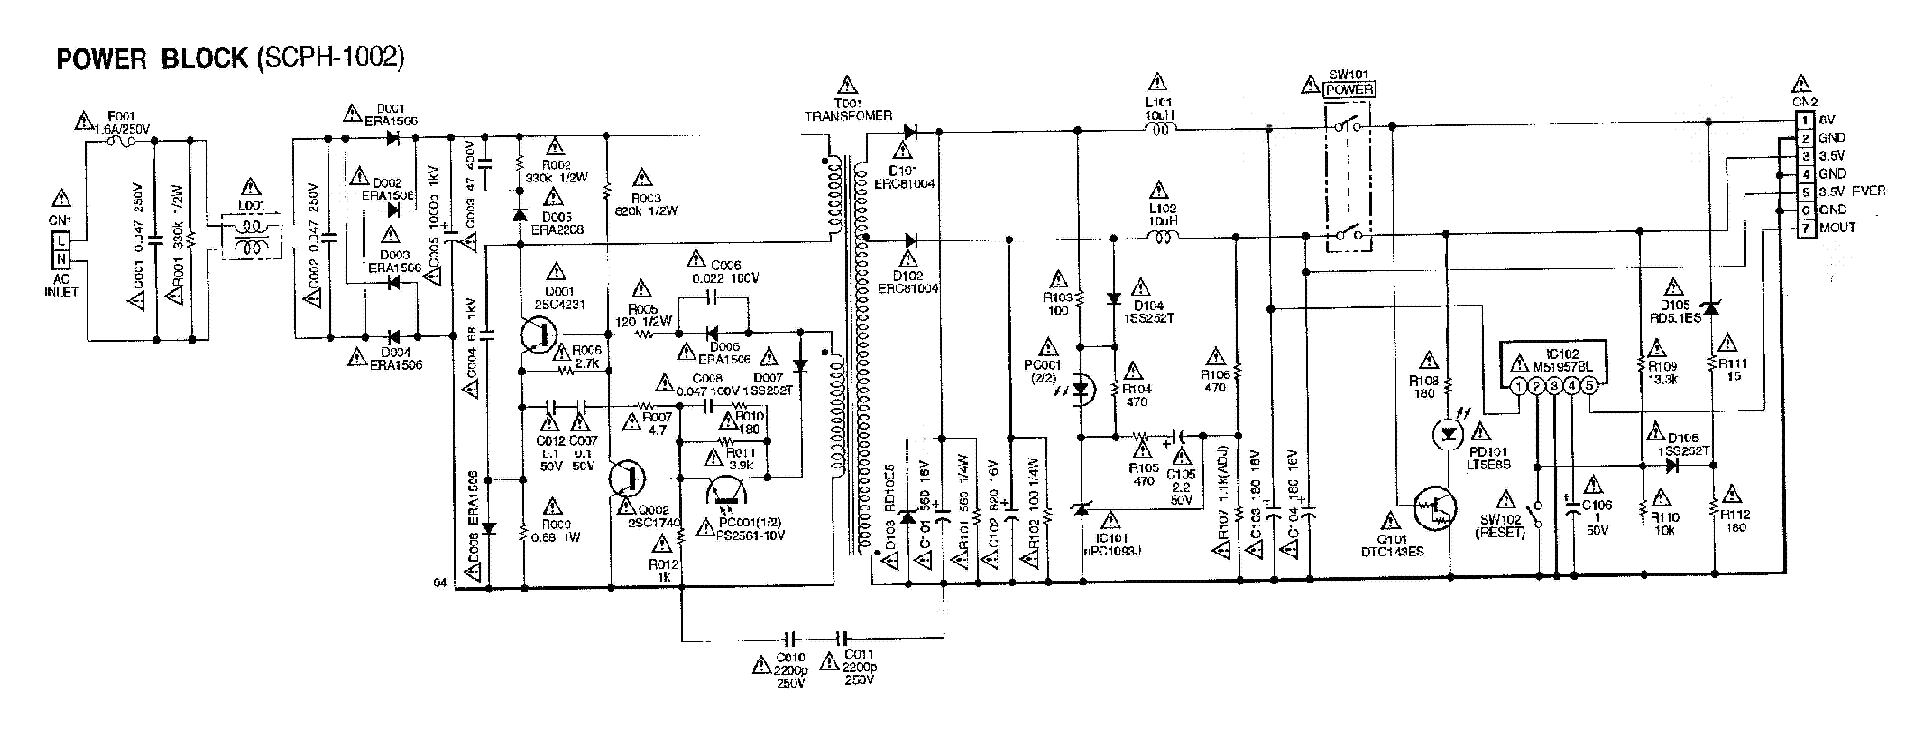 Jbl es150p 230 эл схема